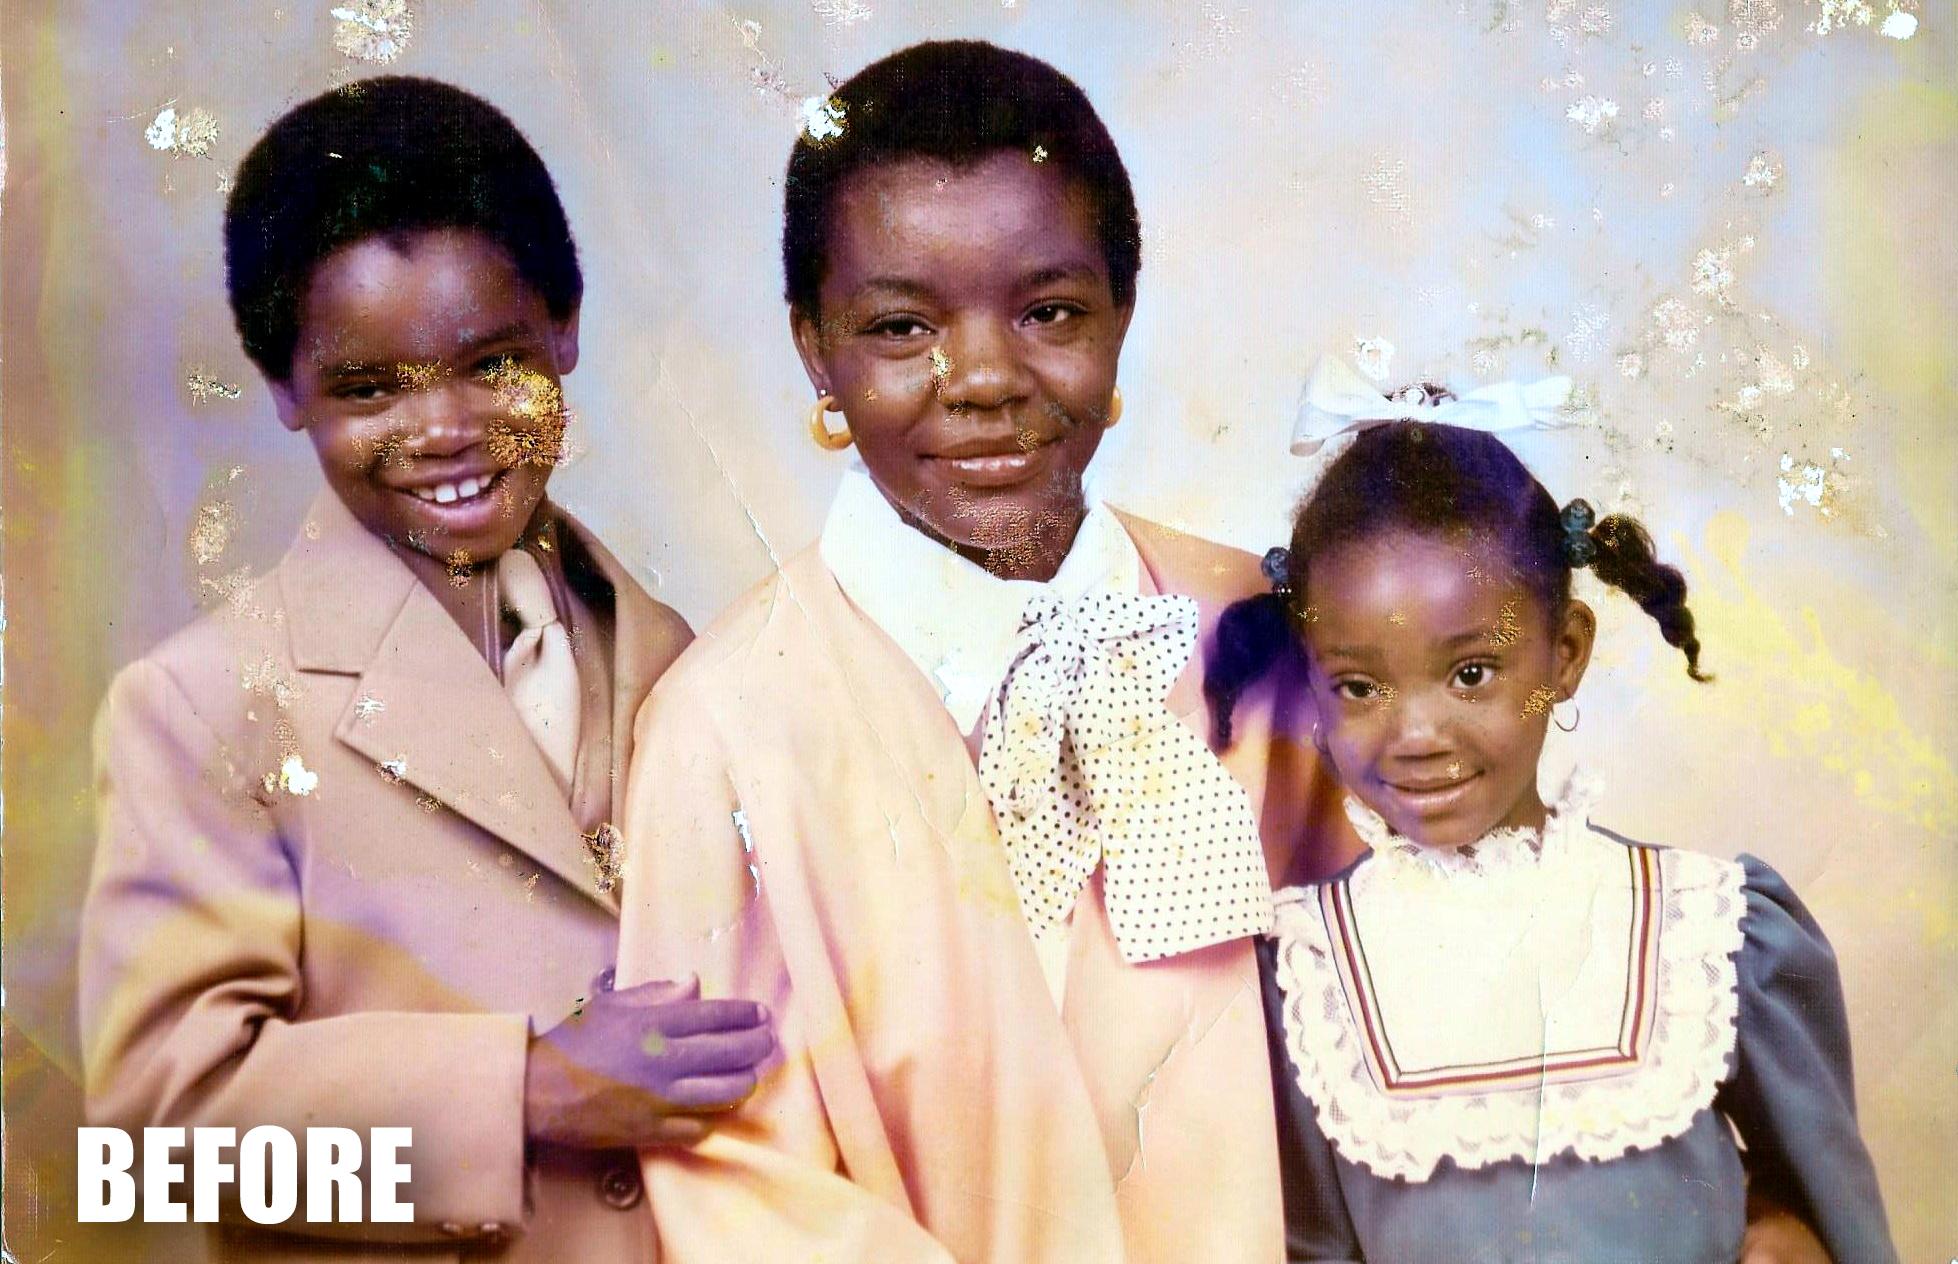 Family Pic before.jpg